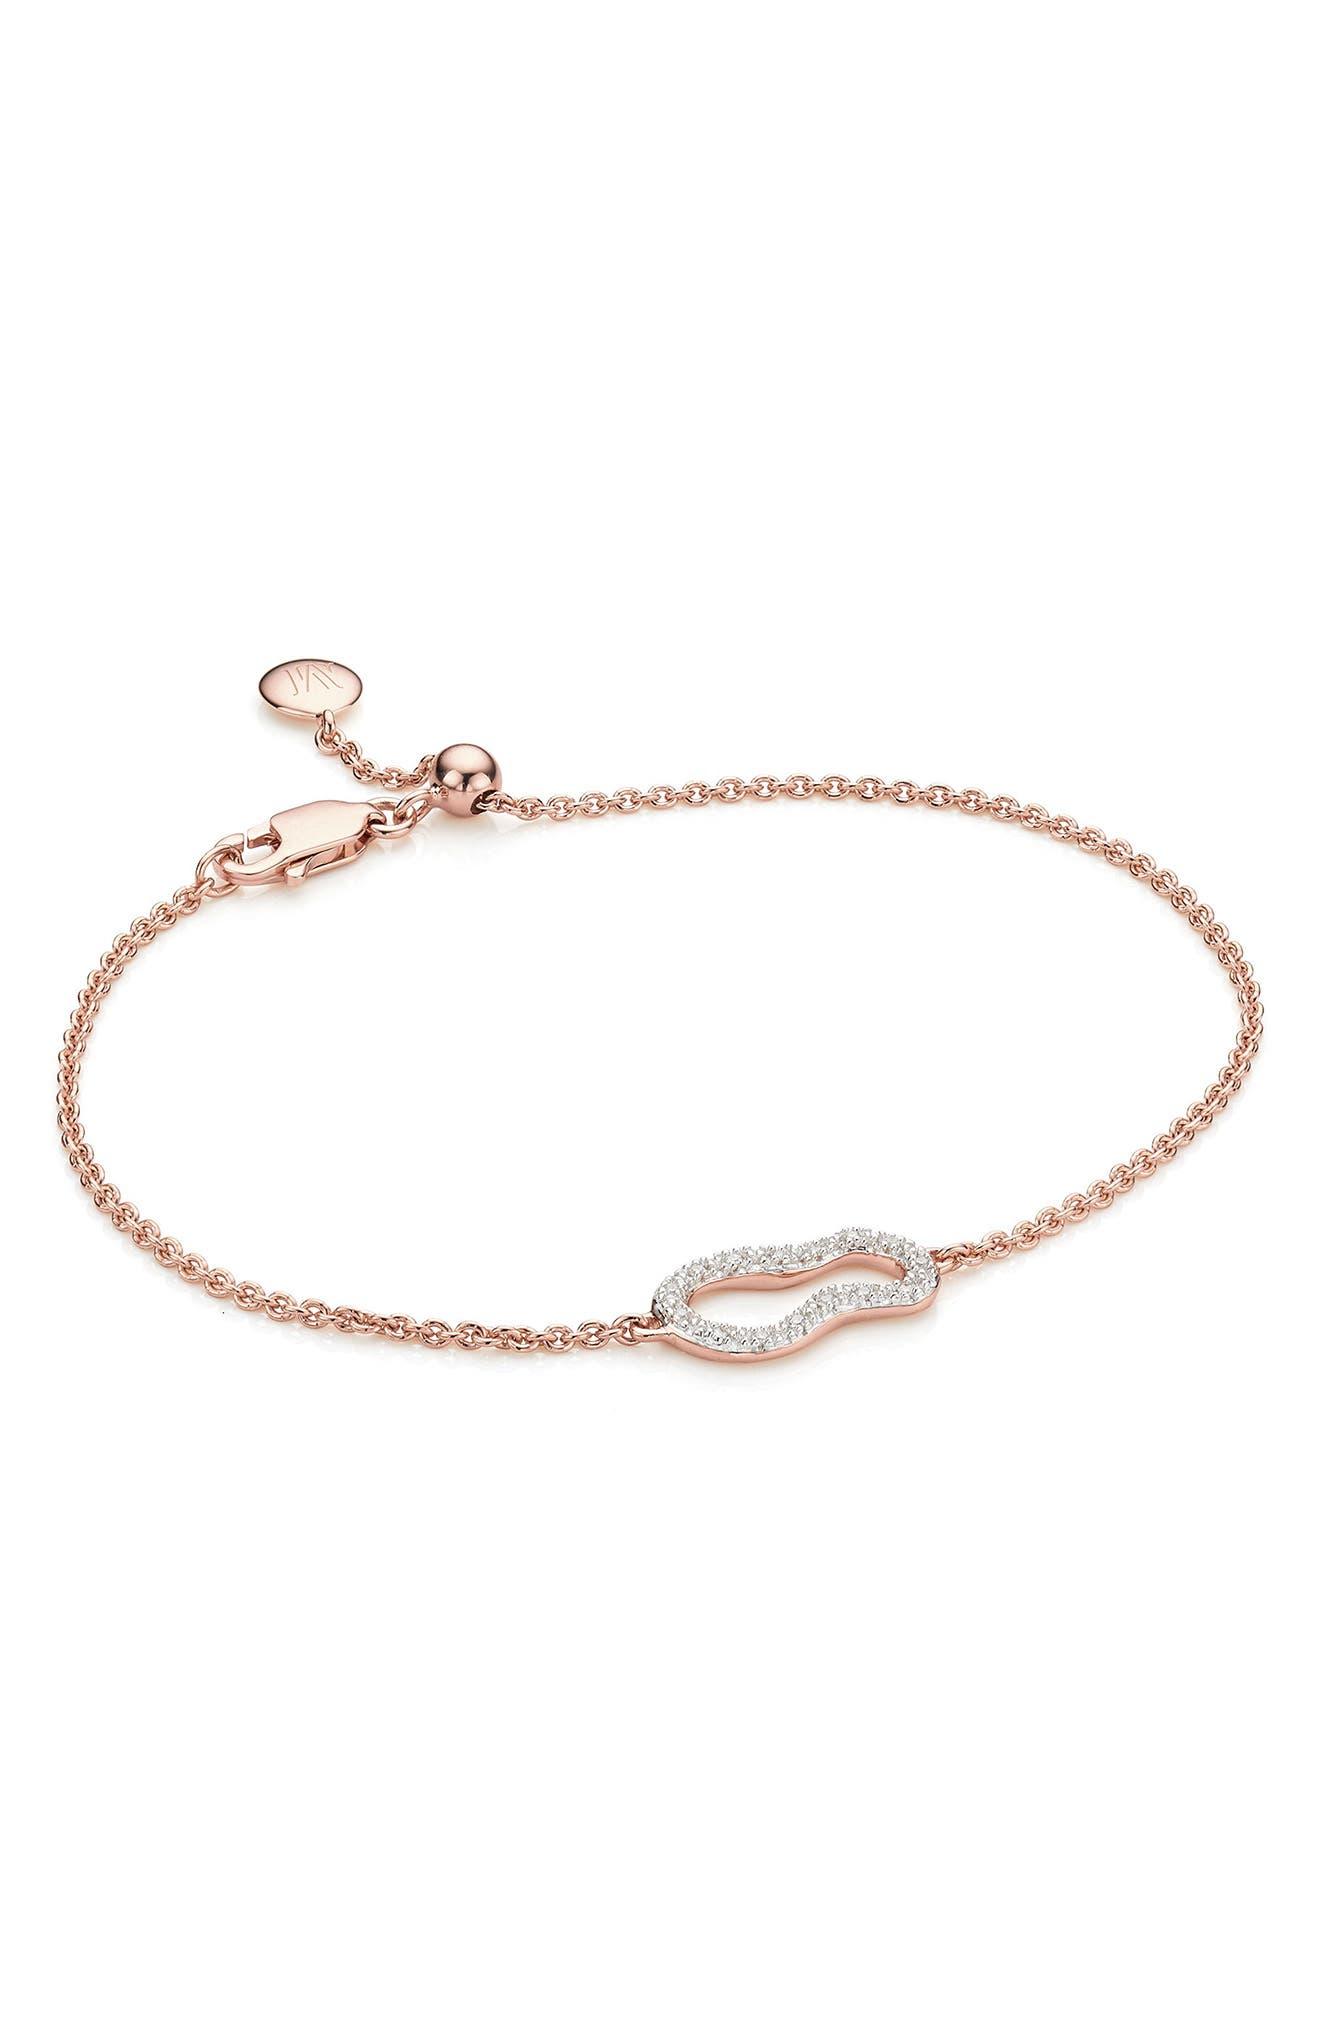 Riva Diamond Bracelet,                             Main thumbnail 1, color,                             Rose Gold/ Diamond